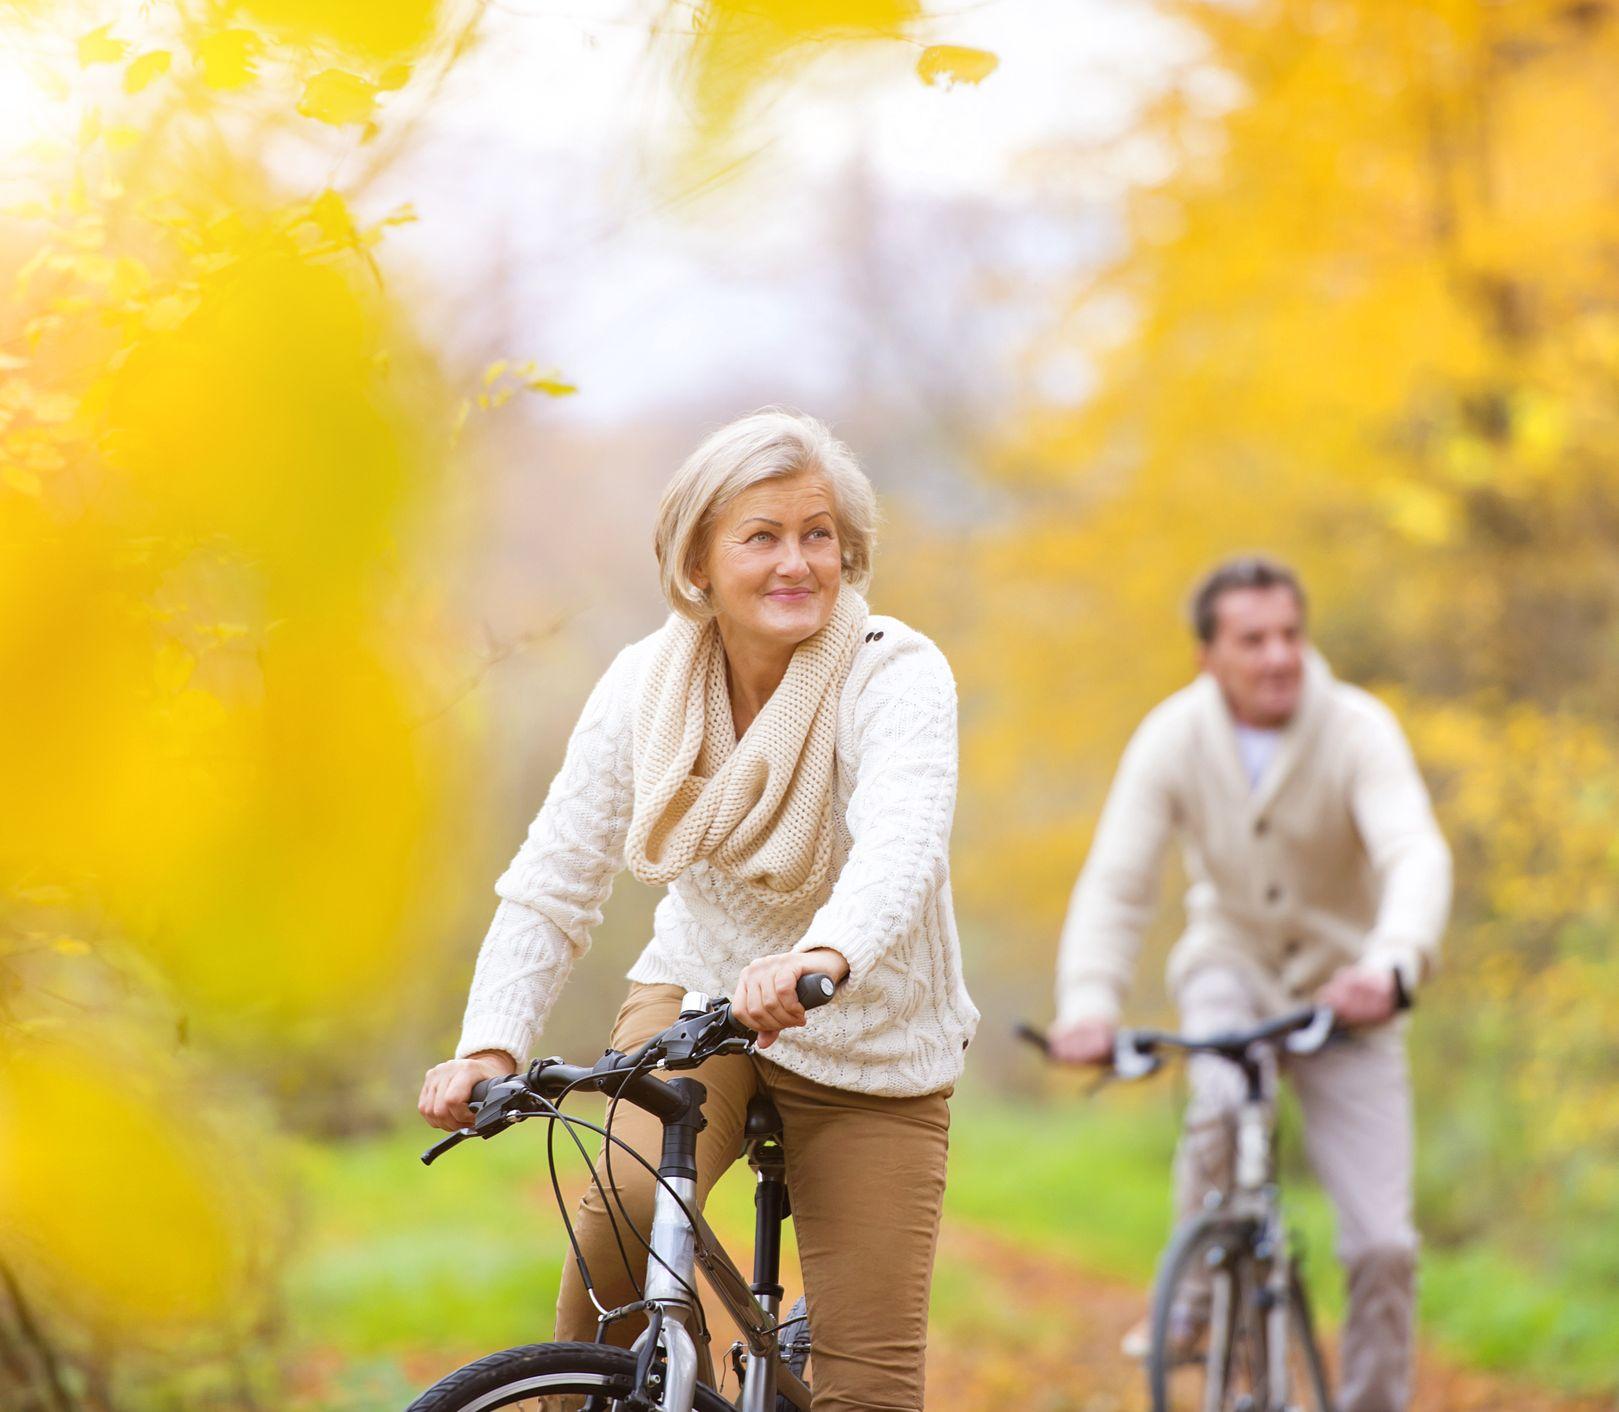 Stavte na tie správne jesenné aktivity: Vylepšia vám náladu aj postavu!